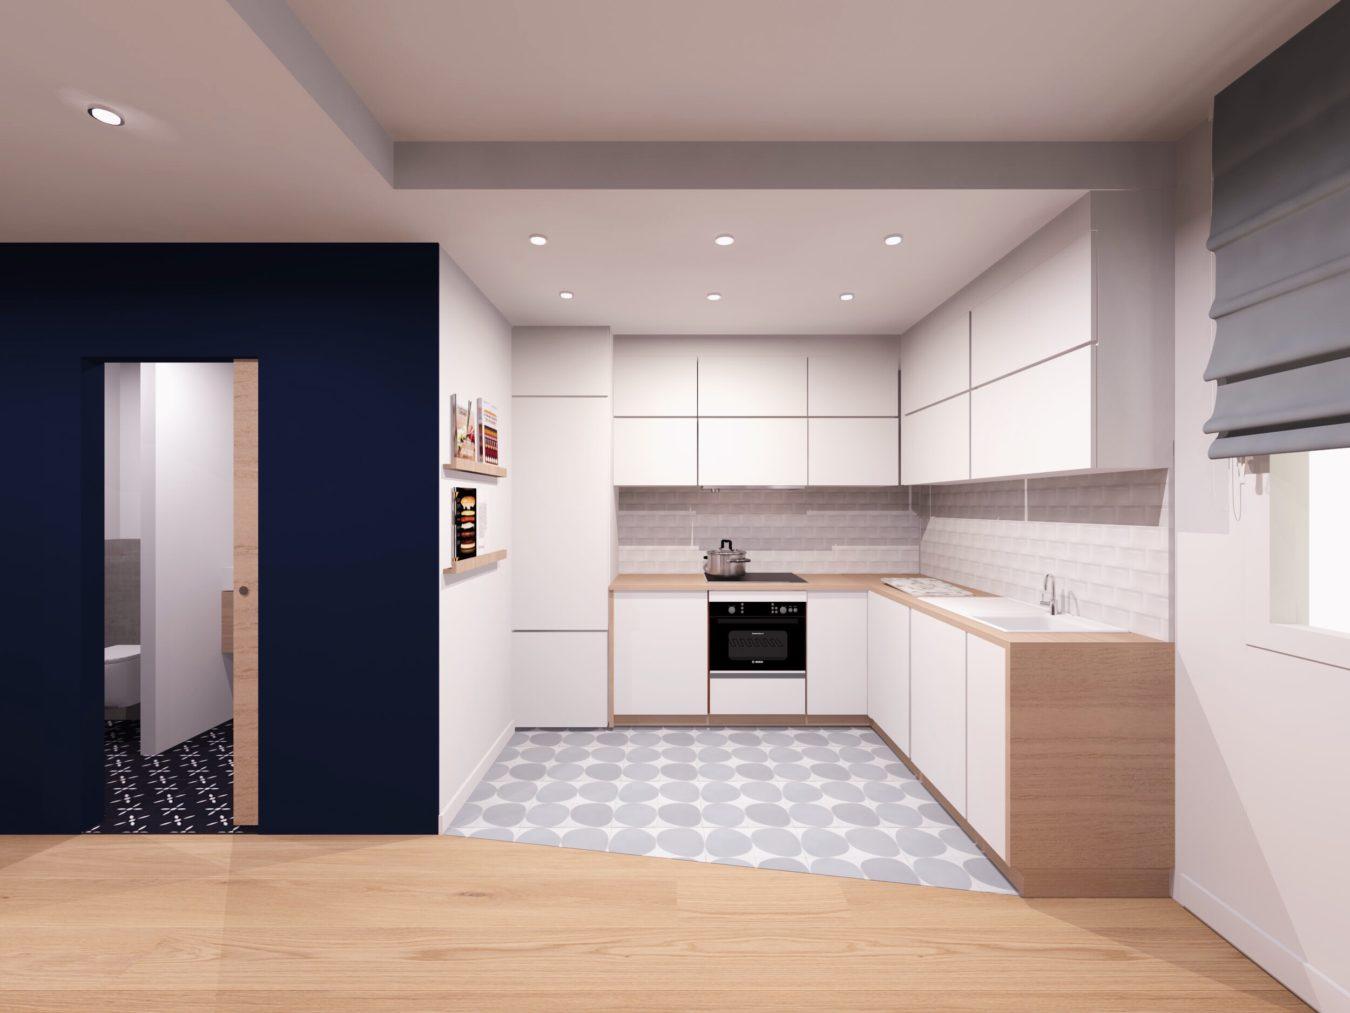 Anouck Charbonnier - Aménagement intérieur design d'une cuisine en appartement